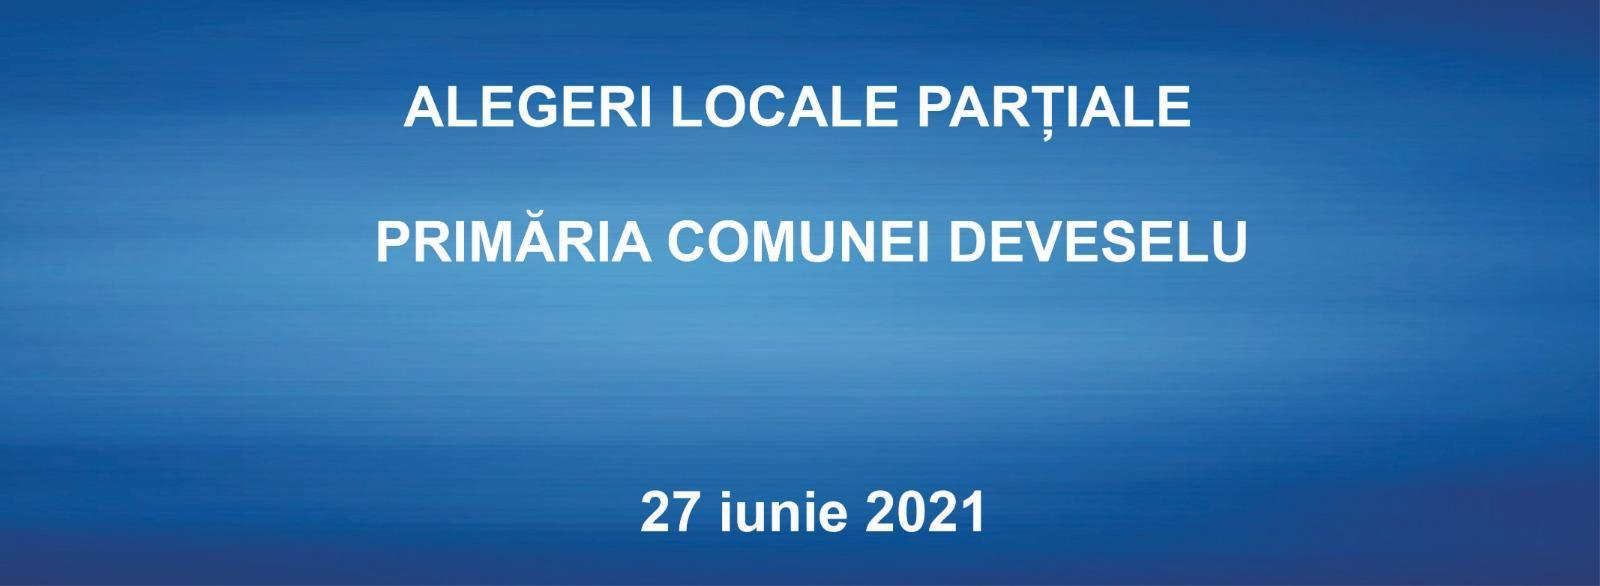 Alegeri Locale Parţiale Primăria Comunei Deveselu 27.06.2021